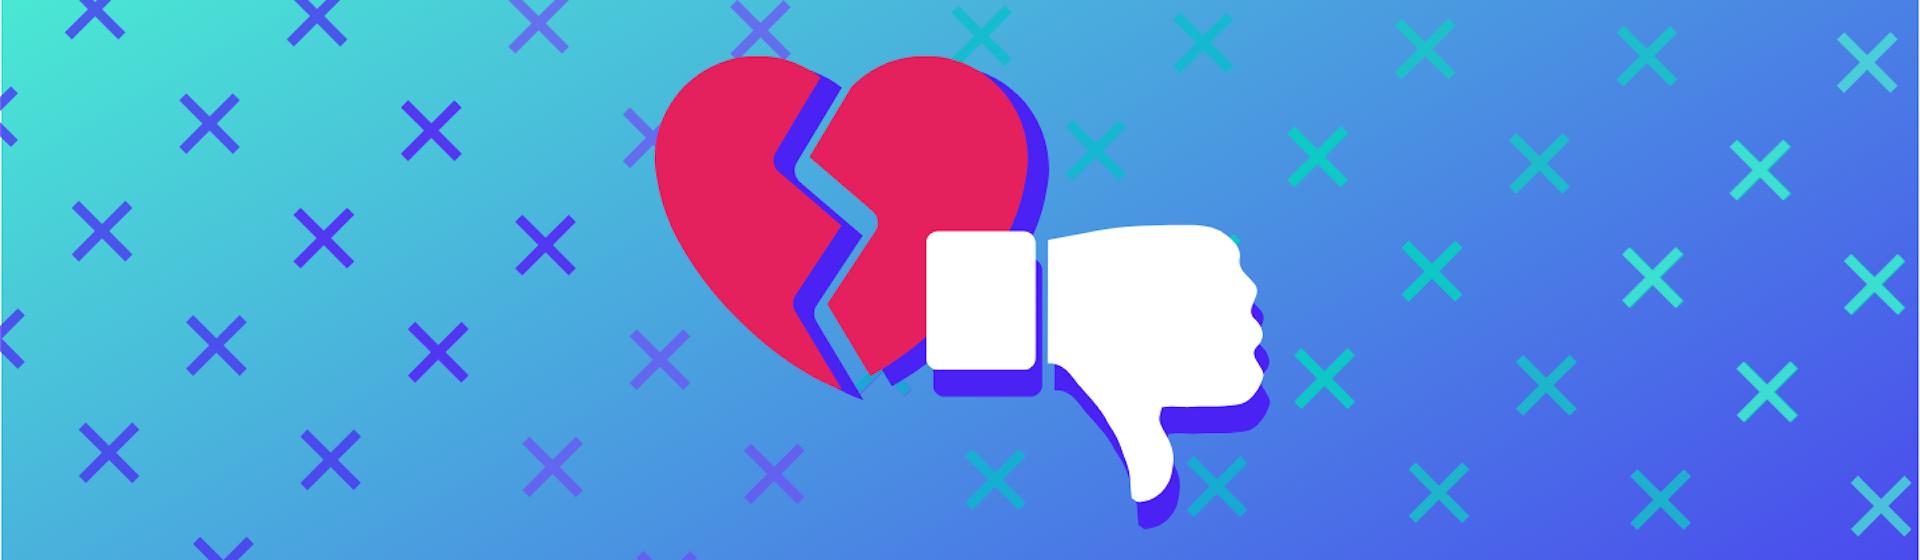 ¿Qué es un cliente insatisfecho? ¡Escúchalos y mejora tu servicio!